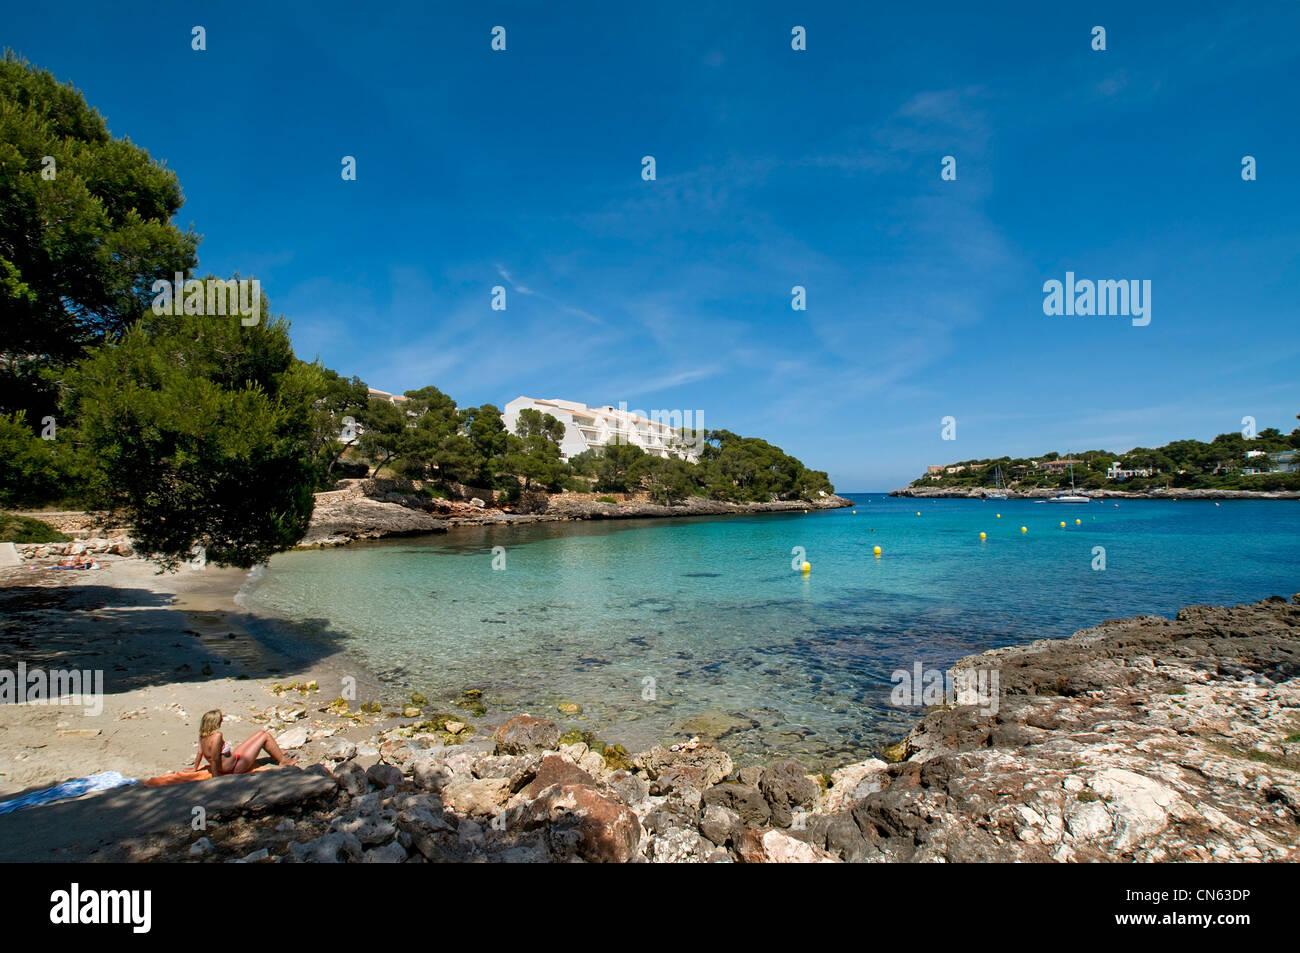 Porto Petro Beach Mallorca Balearics Spain Stock Photo: 47462962 - Alamy